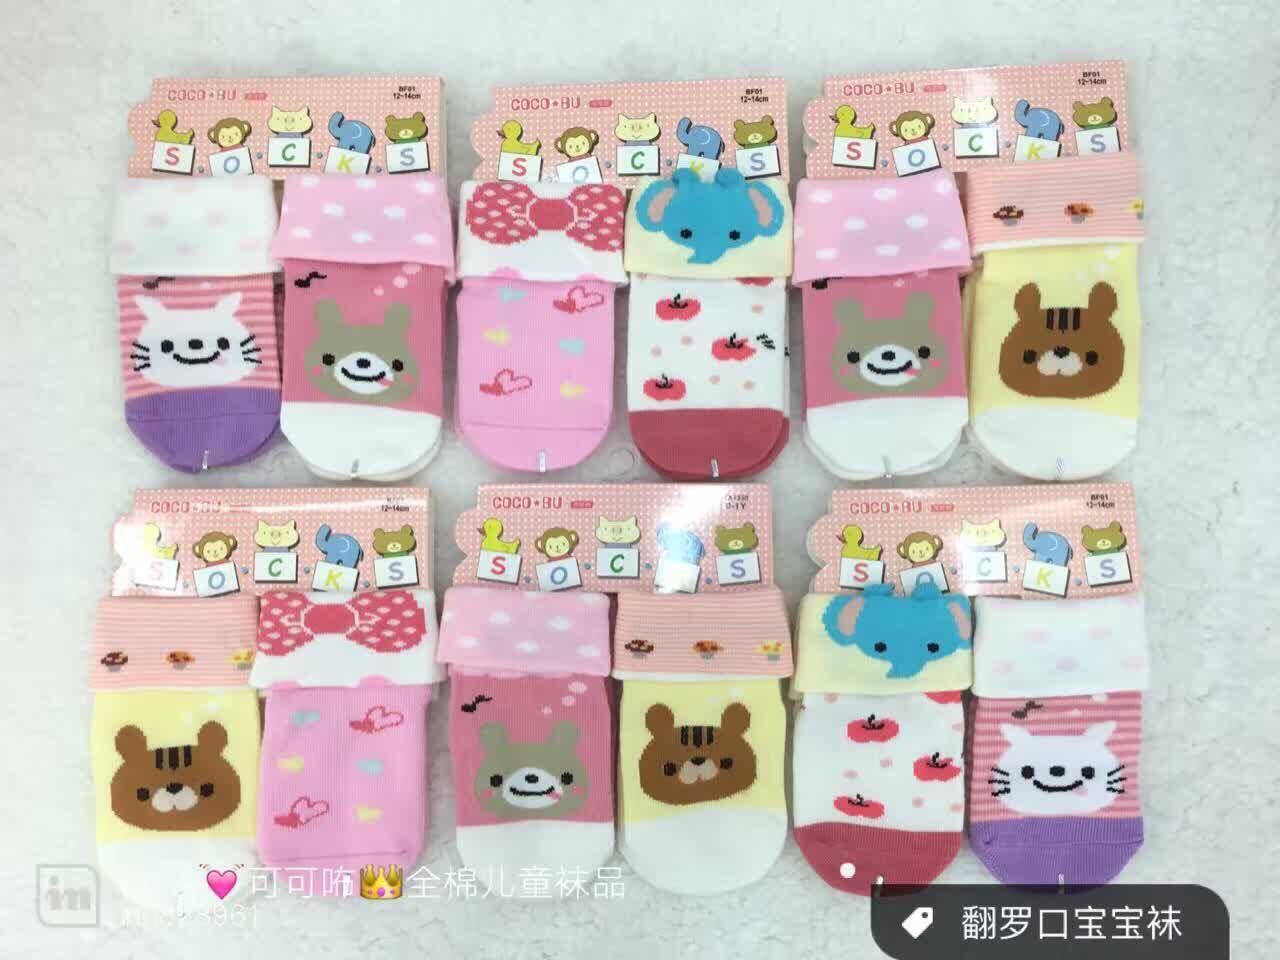 U040-16**พร้อมส่ง** (ปลีก+ส่ง) ถุงเท้าเด็กหญิง+ชาย วัย 3-12 เดือนและ 1-2 ขวบ พับข้อ COCO & BU (ขนาด 12-14 และ 14-16 cm.) มีกันลื่น เนื้อดี งานนำเข้า ( Made in China)